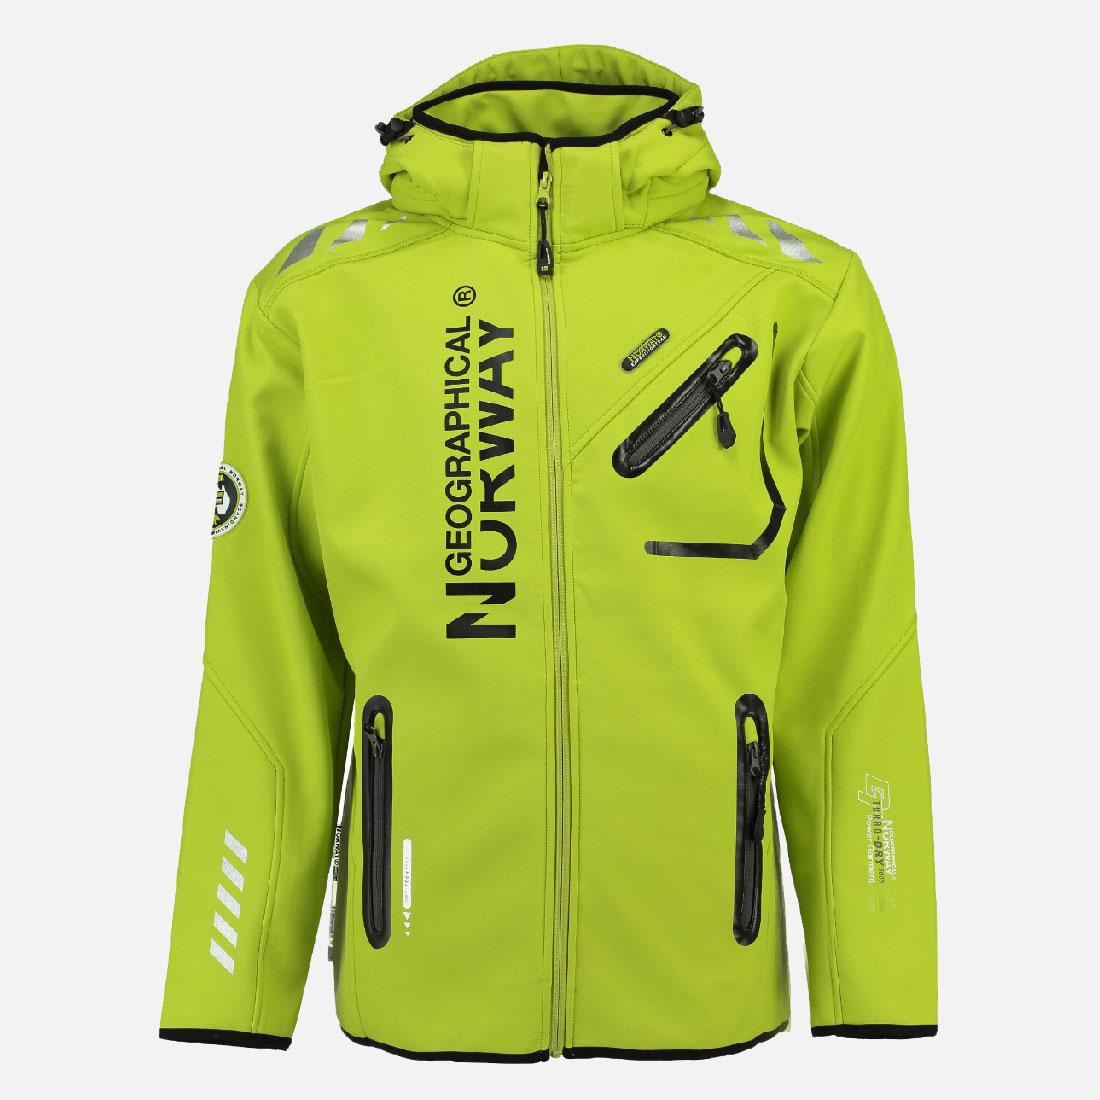 Details zu Geographical Norway Rainman Herren Softshell Regen Jacke Softshelljacke S XXL